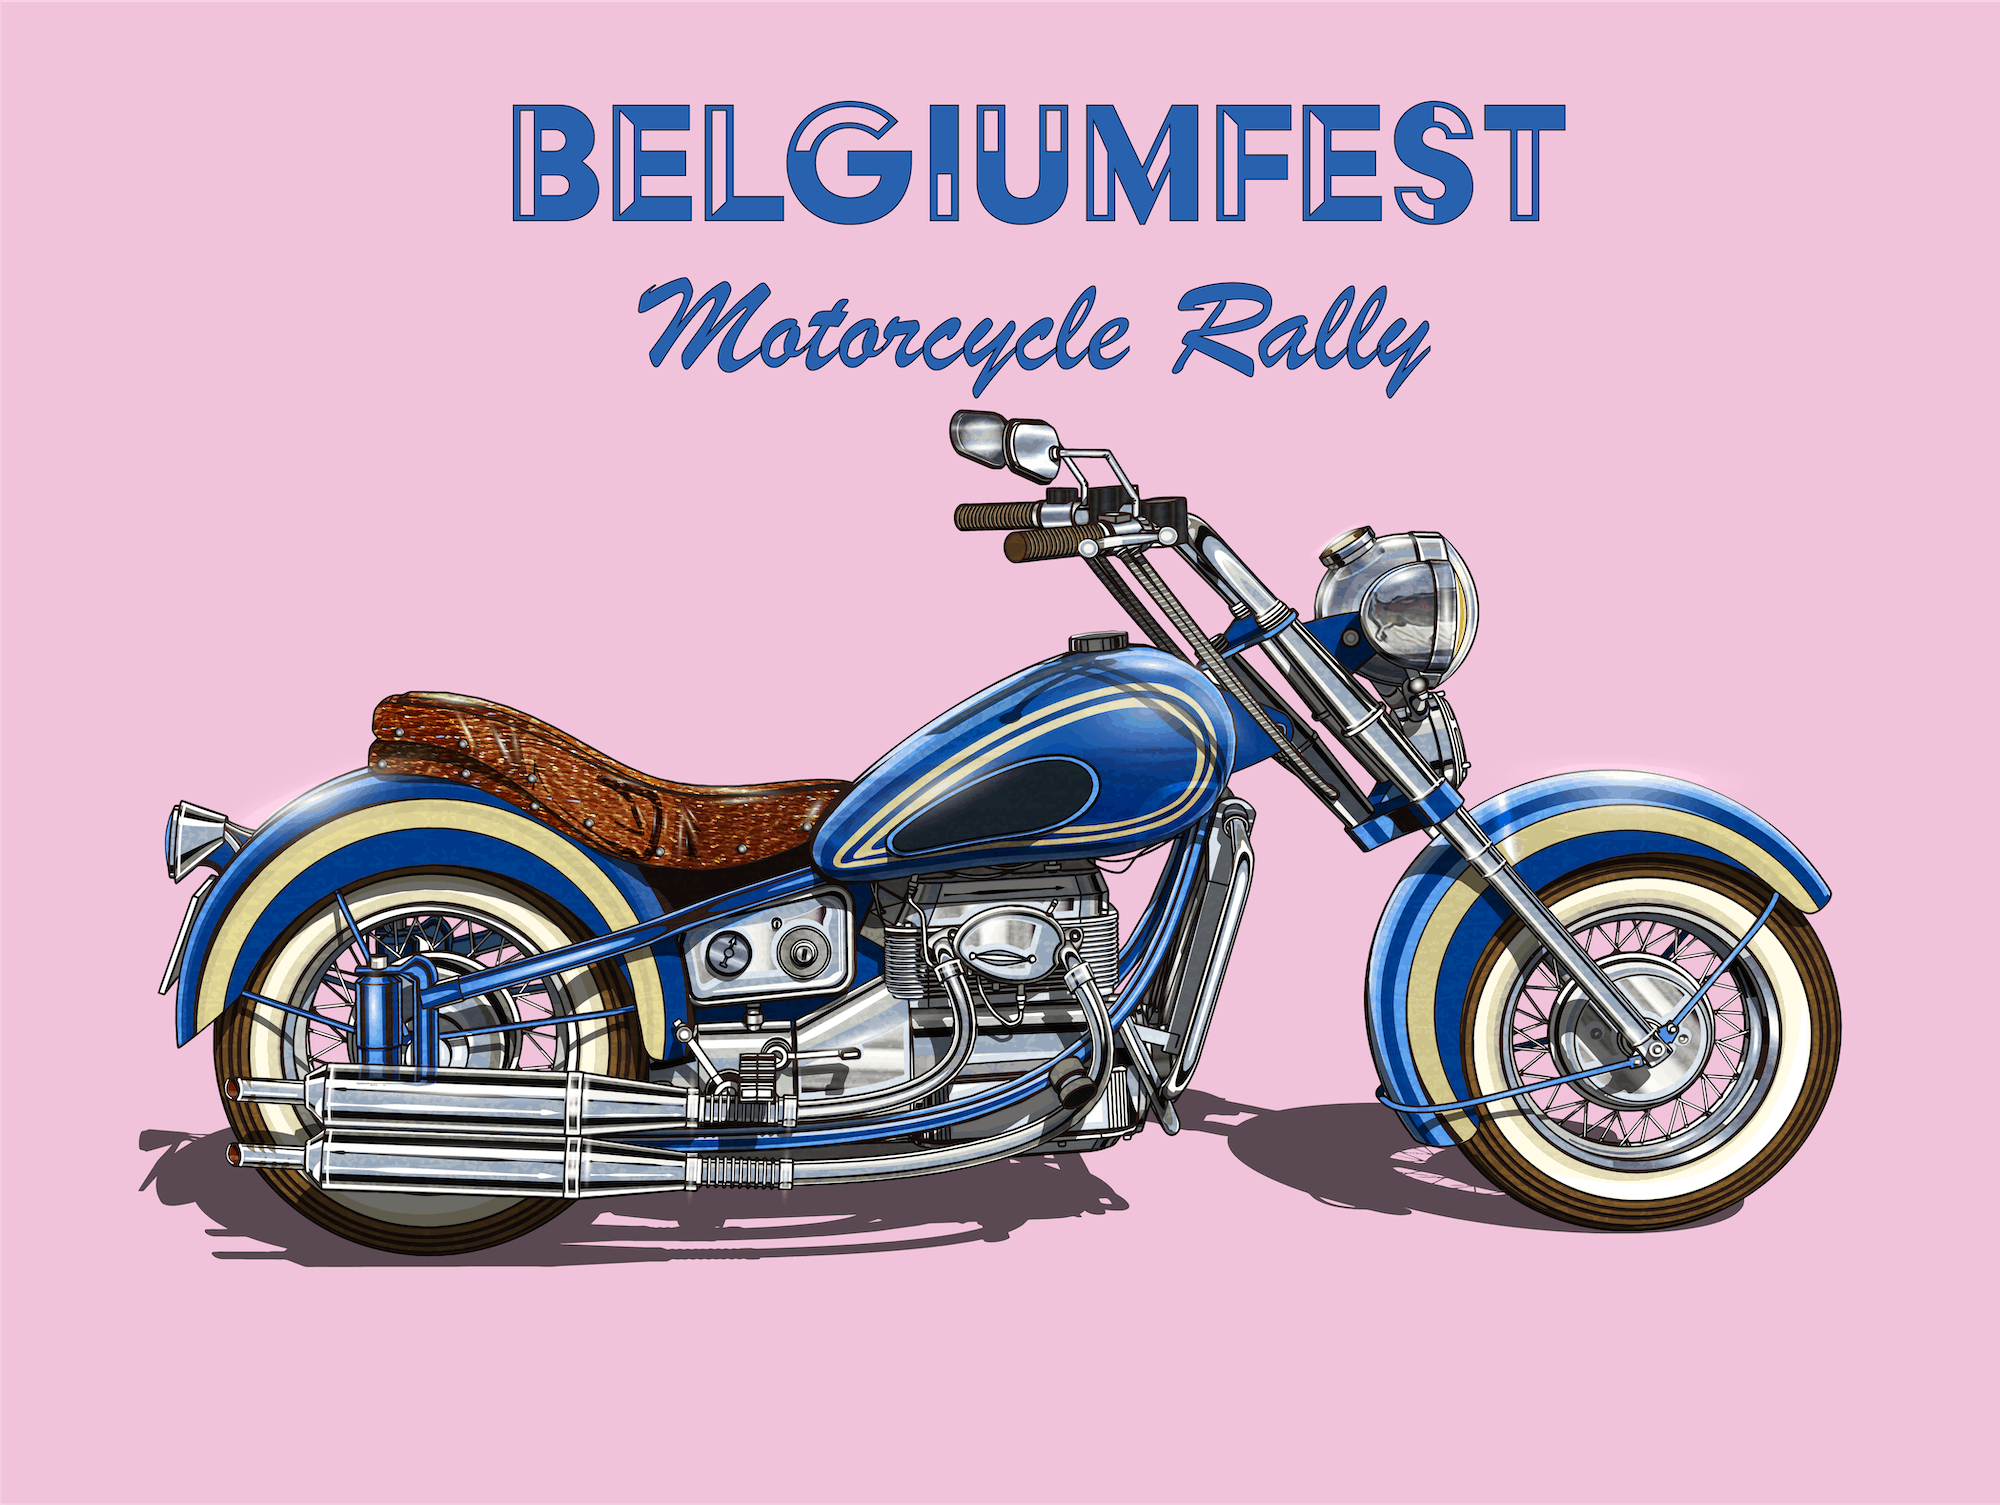 Belgiumfest Motorcycle Rally